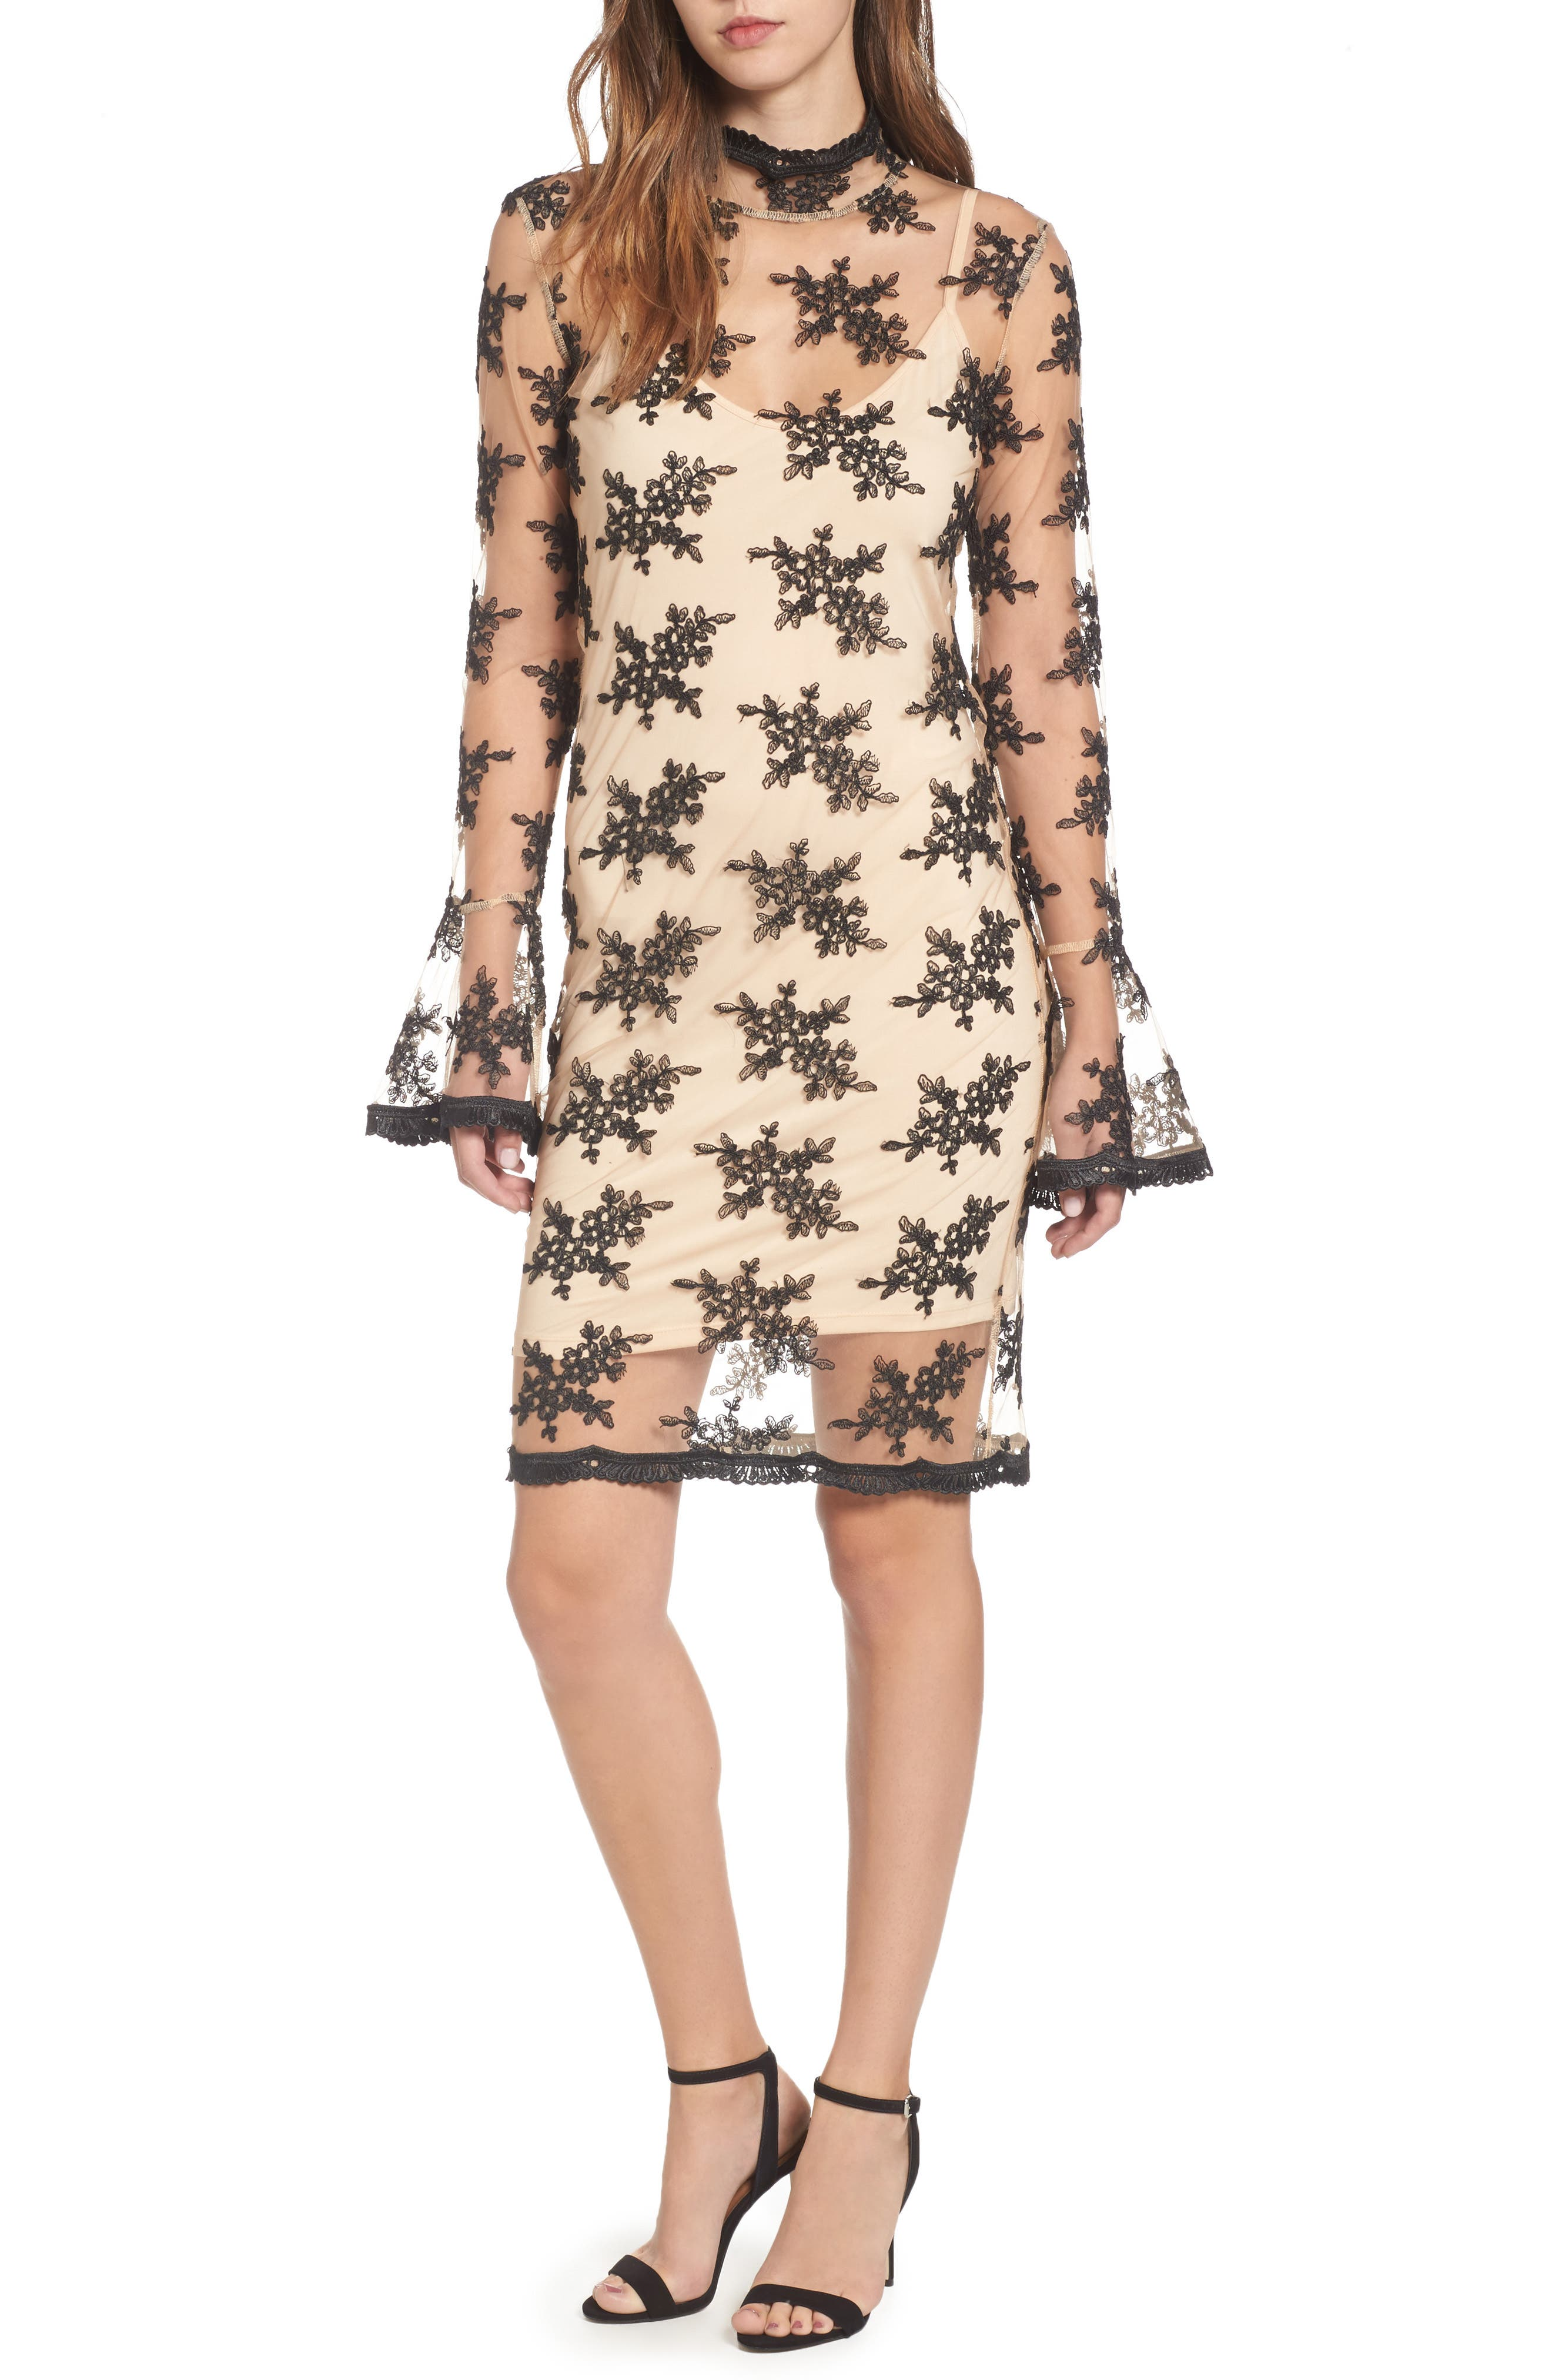 Alternate Image 1 Selected - Supertrash Desh Embroidered Dress